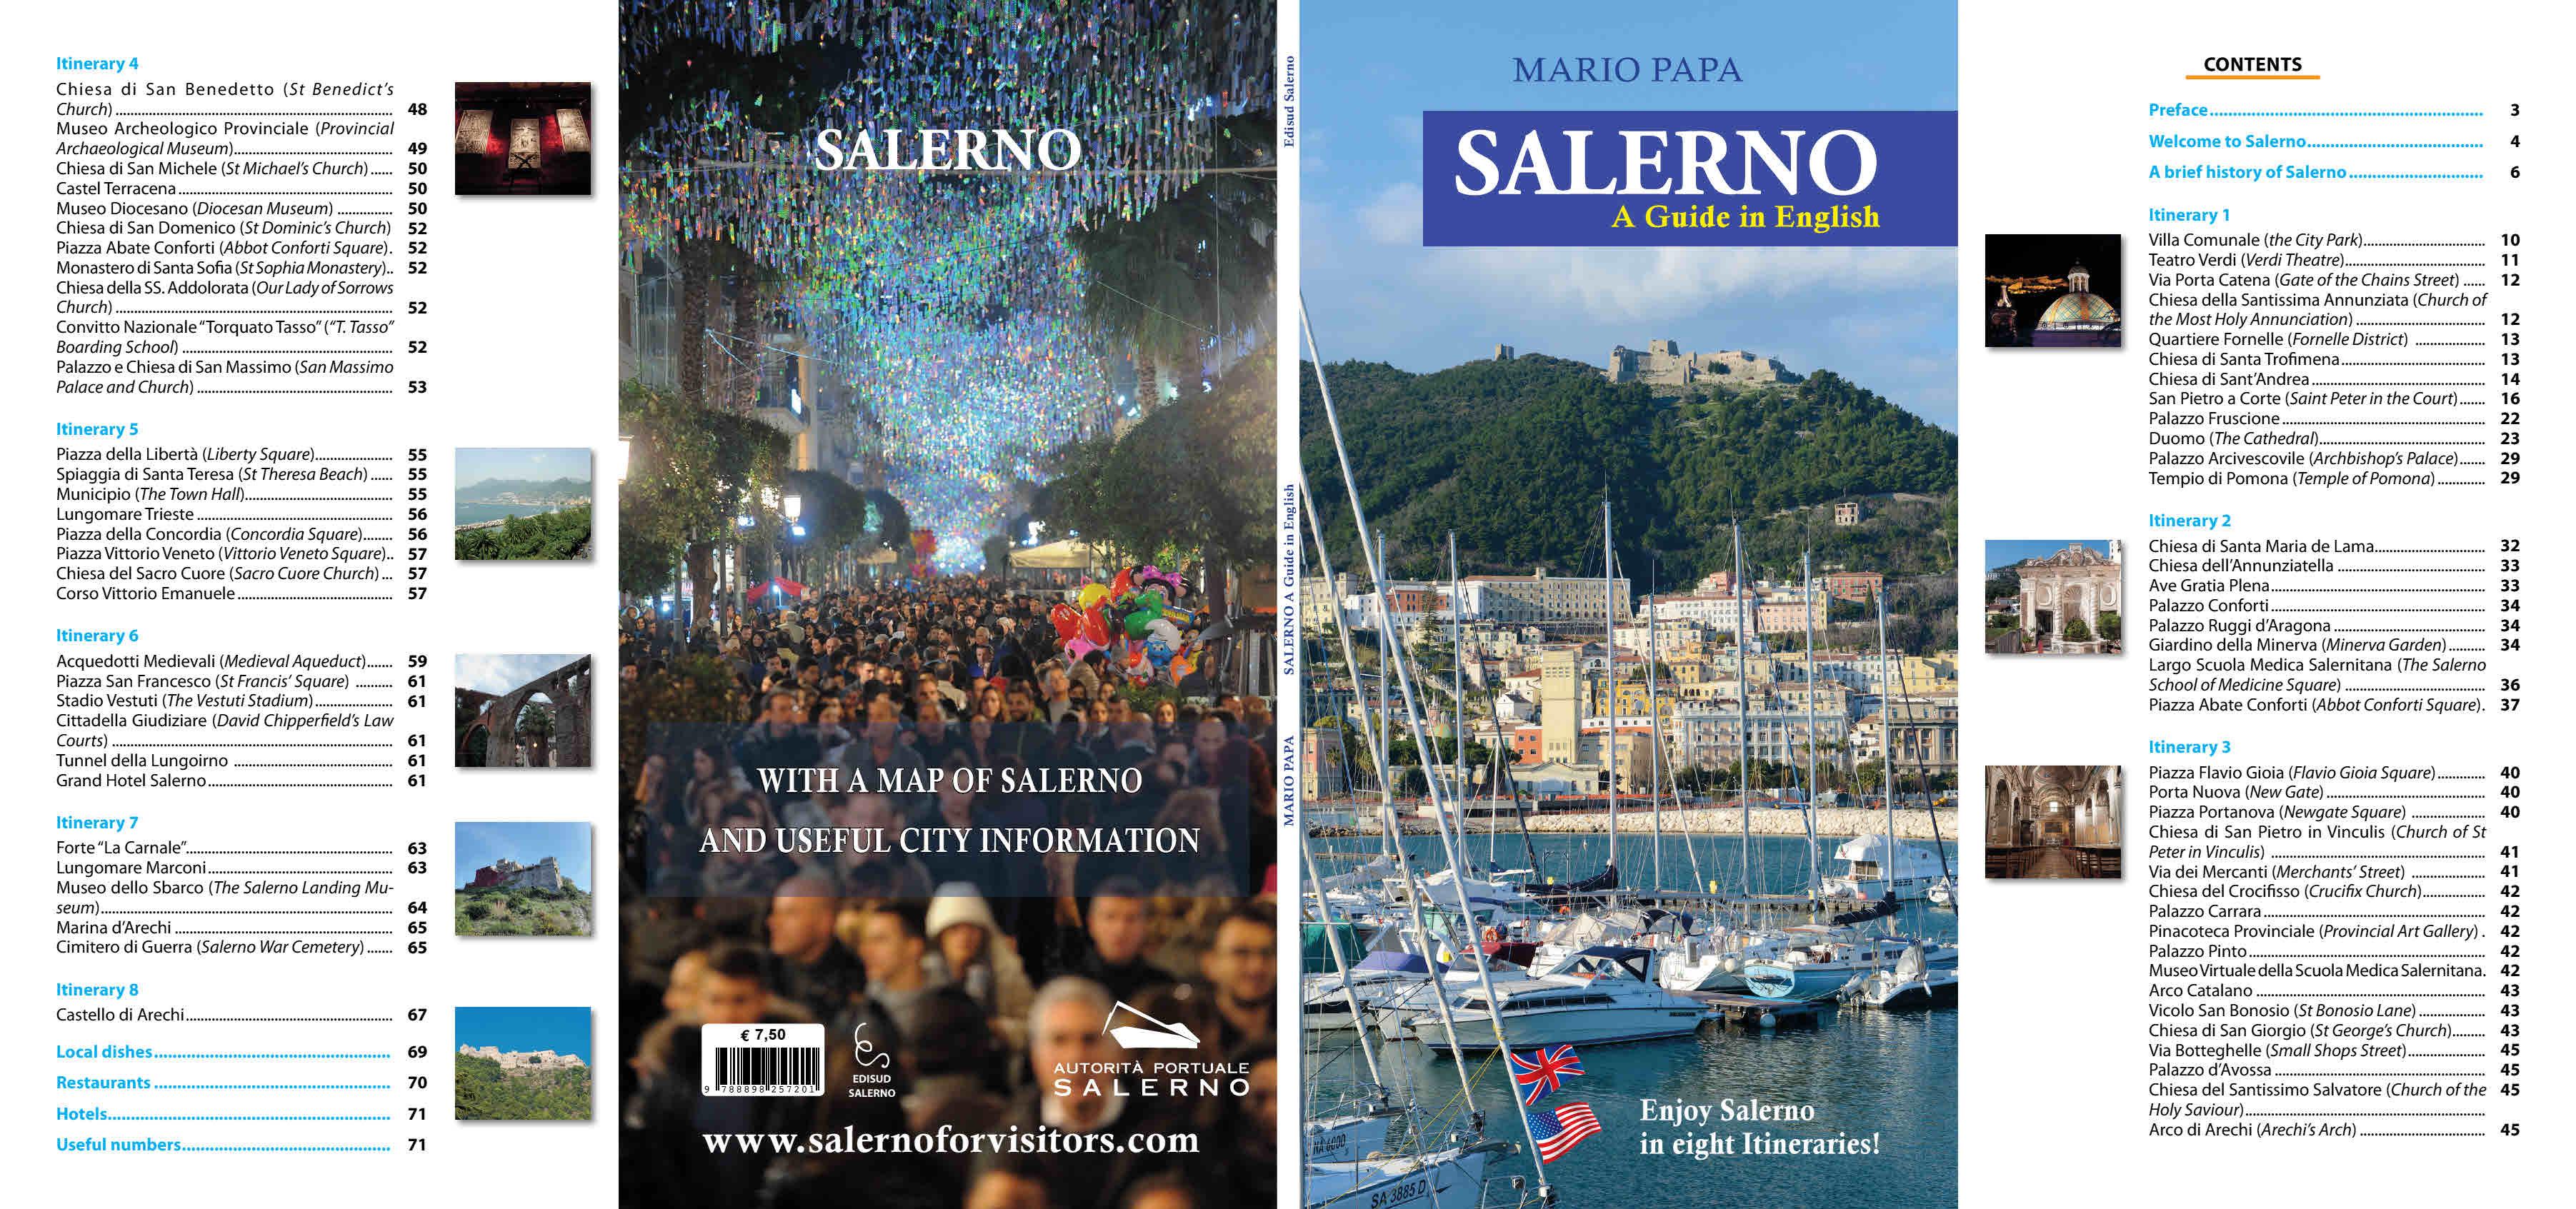 Salerno – Guida Turistica, Circolo Canottieri Irno Lunedi 9 maggio ore 18,00